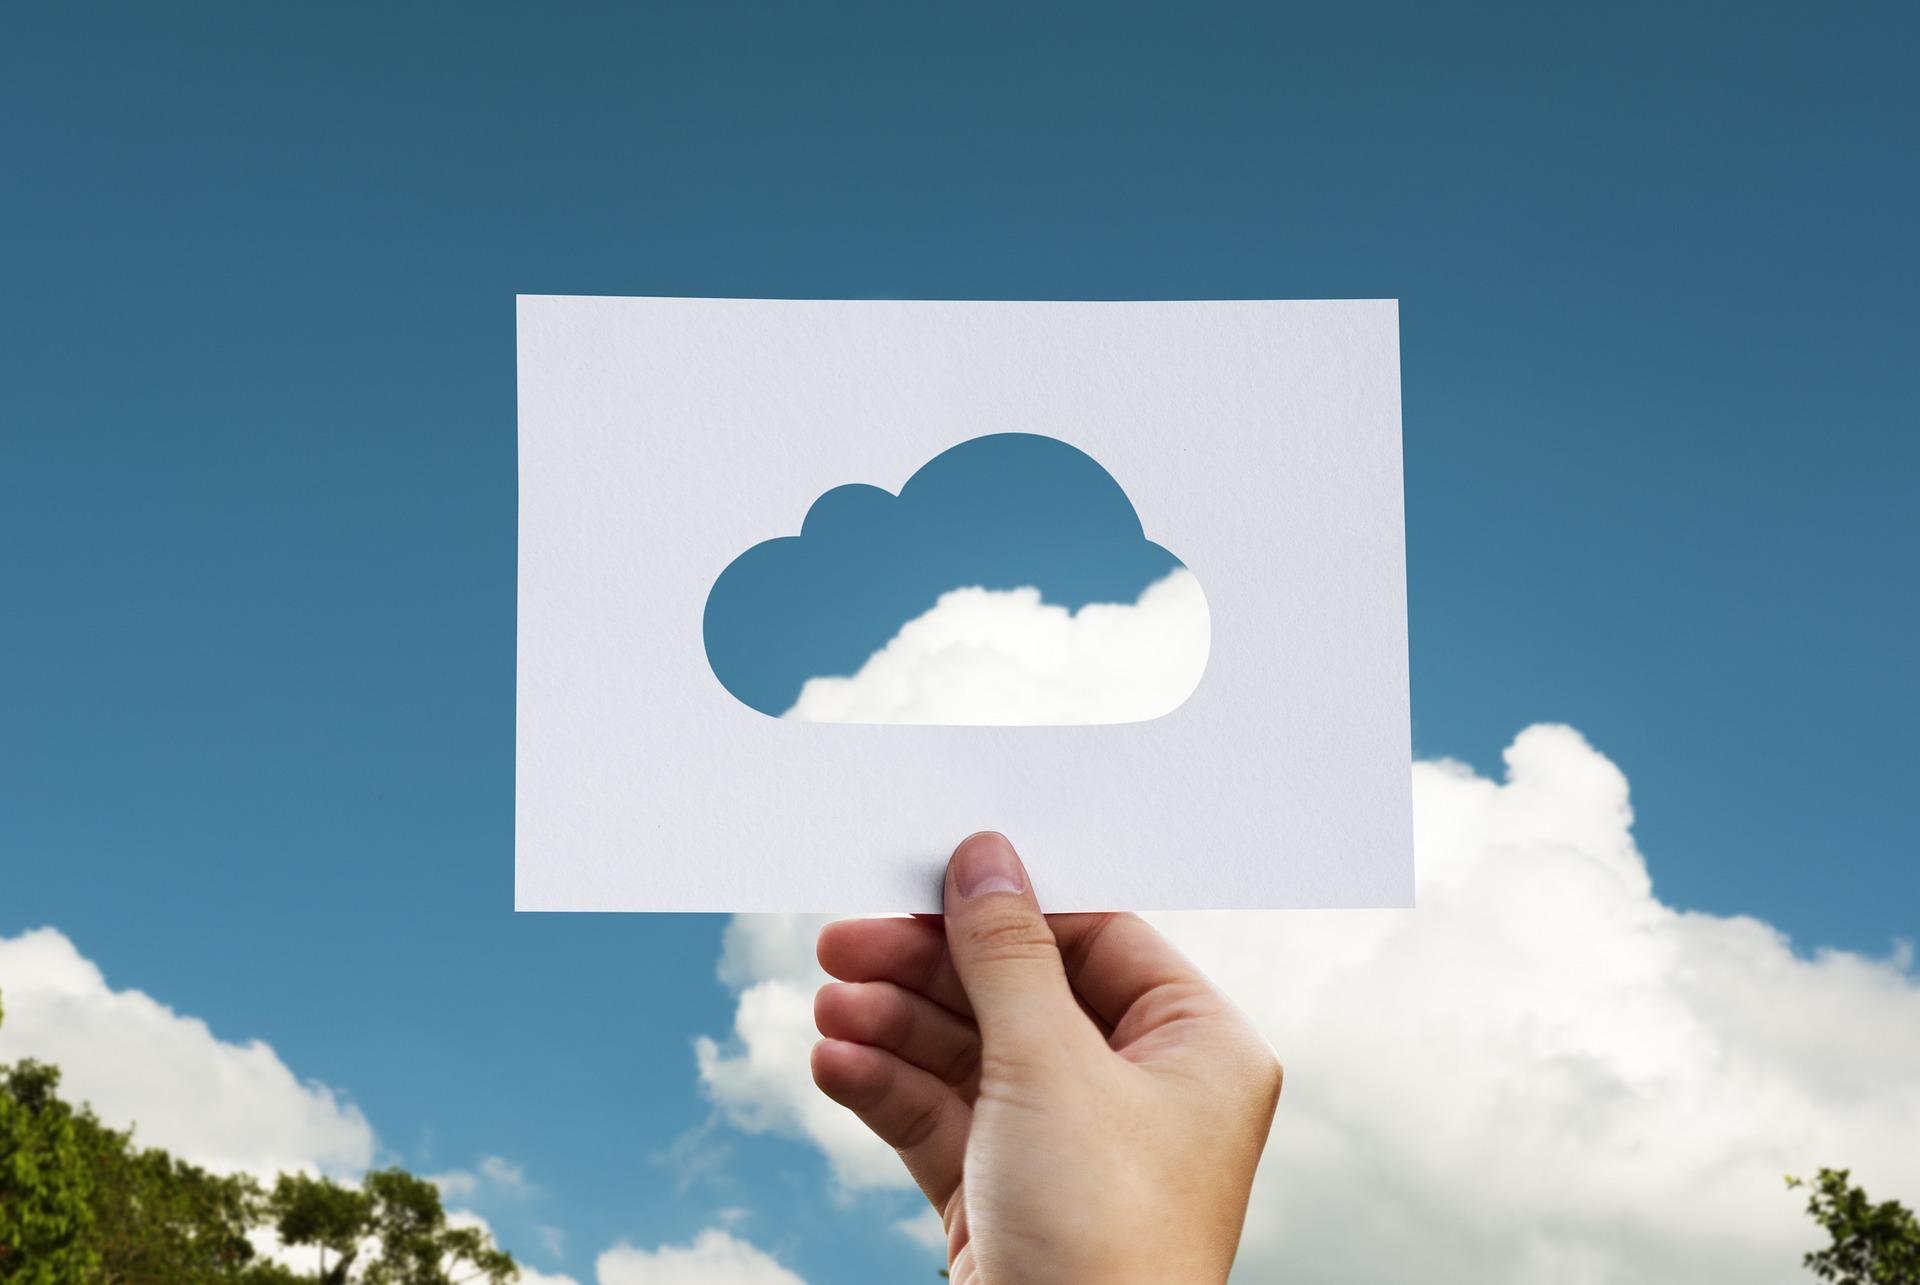 nube de papel - Gamificación ecológica: una forma divertida de ayudar al medio ambiente